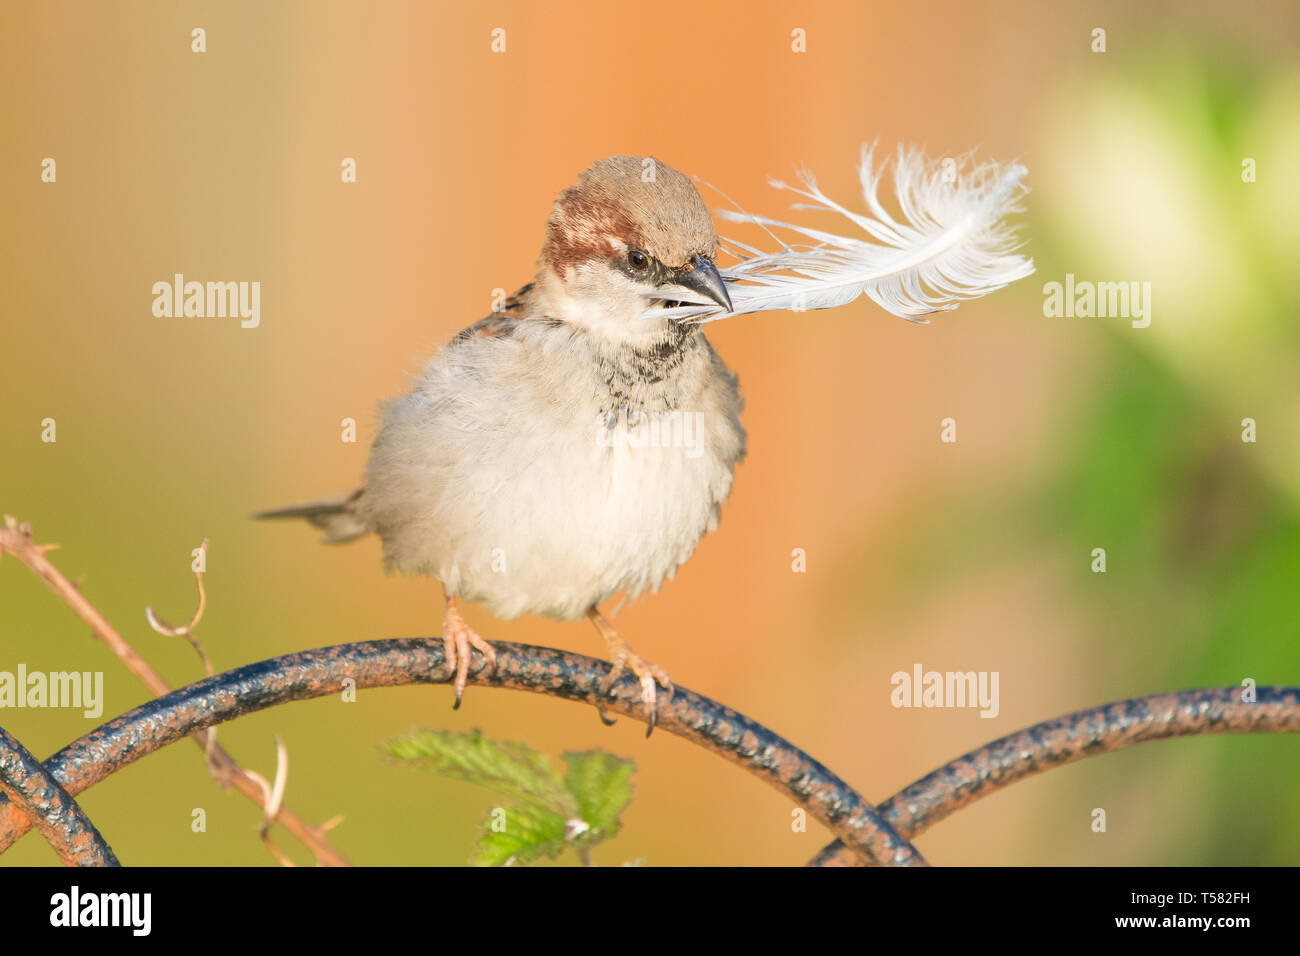 Casa maschio sparrow - passer domesticus - raccolta di materiale di nidificazione, tenere grandi giù nel suo becco - Scozia, Regno Unito Immagini Stock